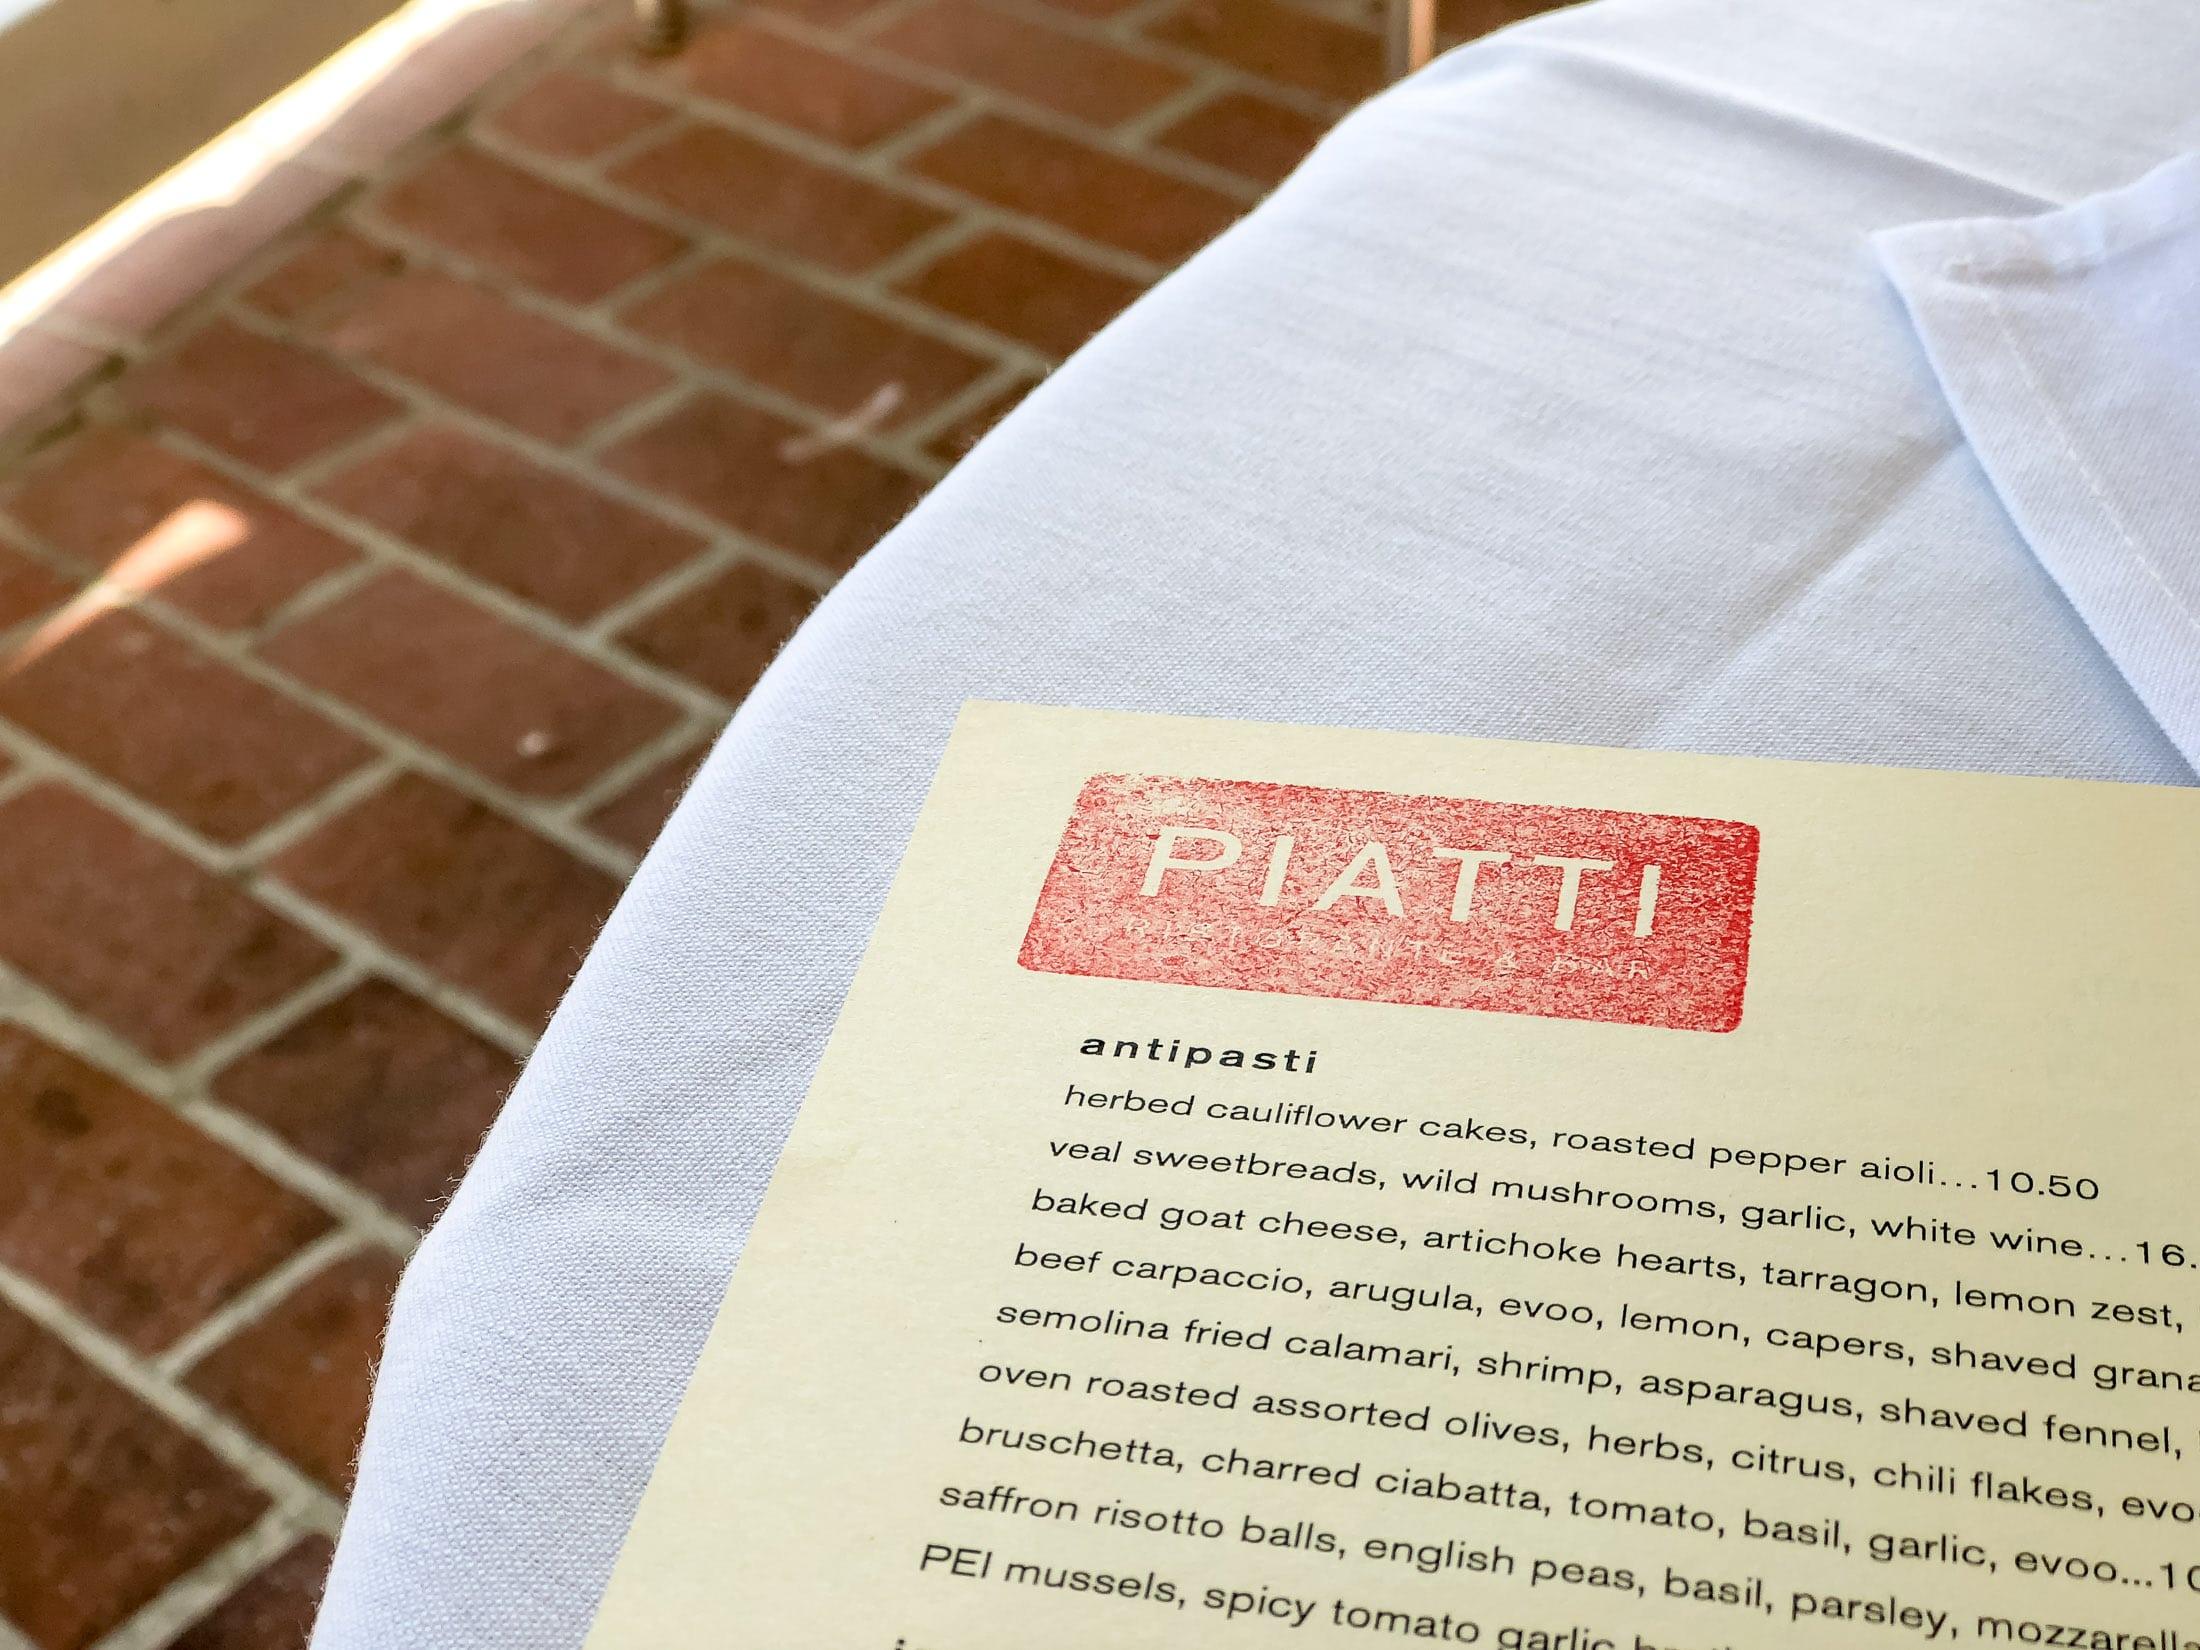 Piatti La Jolla menu